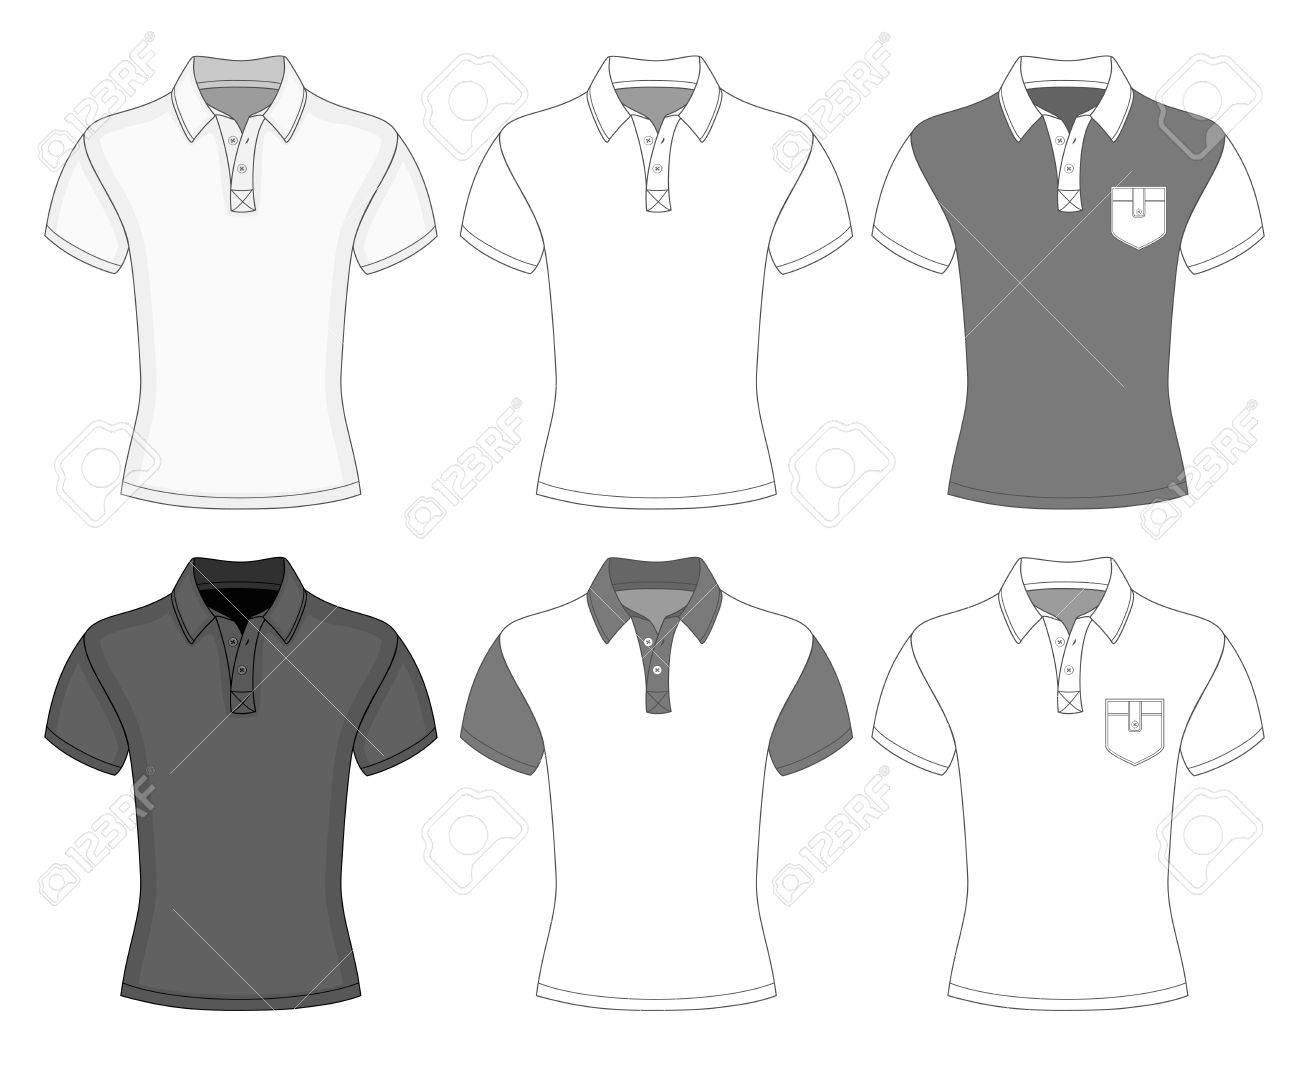 Polo shirt design vector - Men S Short Sleeve Polo Shirt Design Templates Front View Stock Vector 26038687